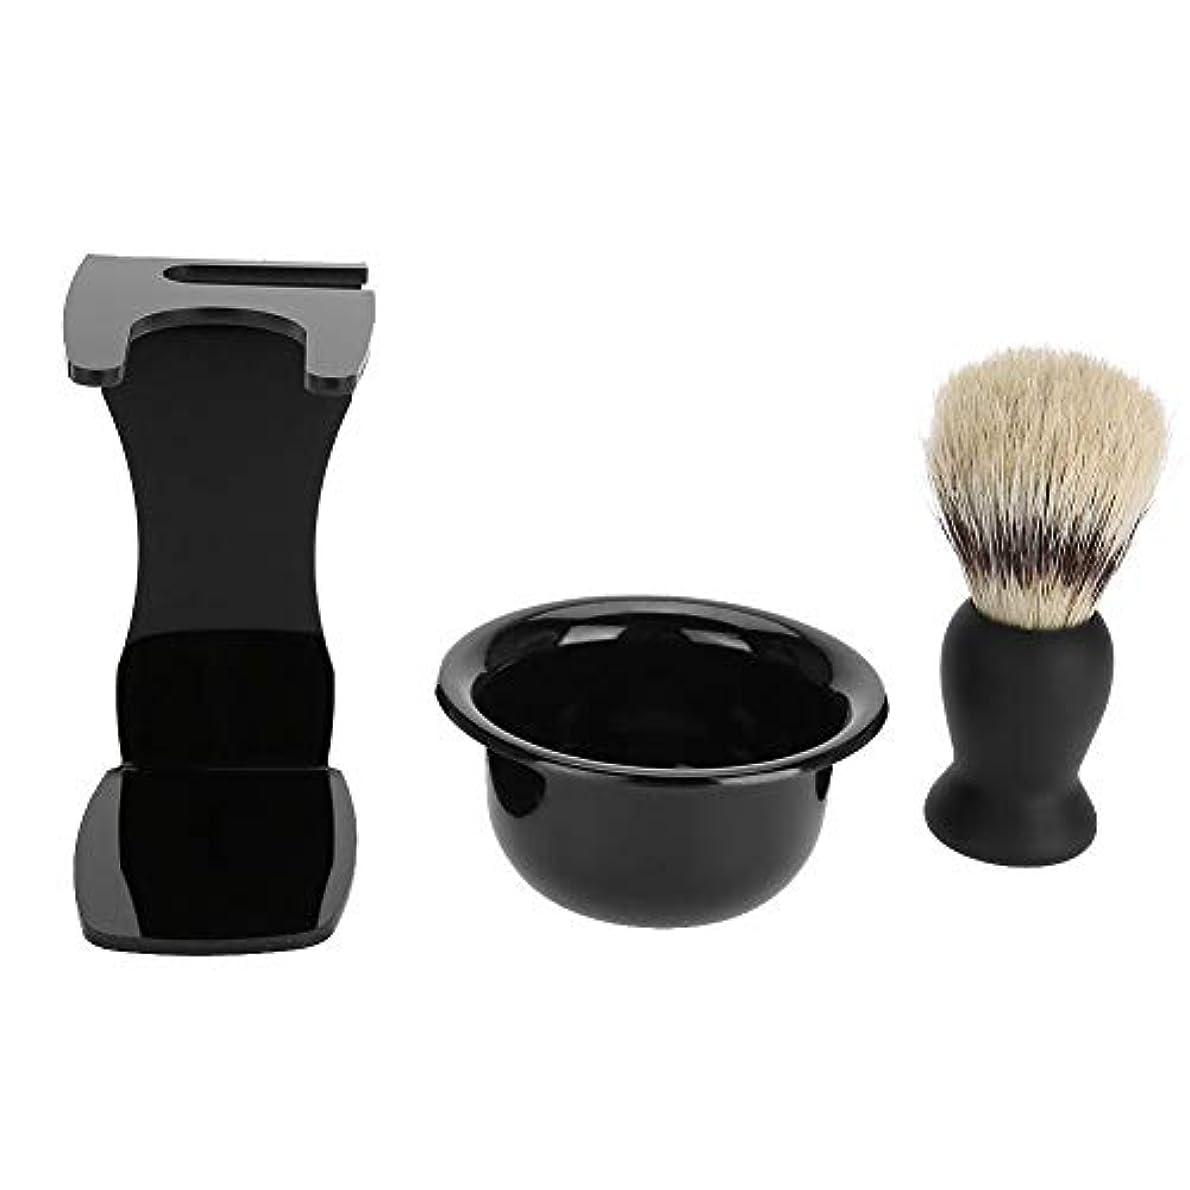 一月塩つま先3に1メンズシェービングセットブラシスタンドソープボウル髭剃りホルダーアクリルクリーニングツール